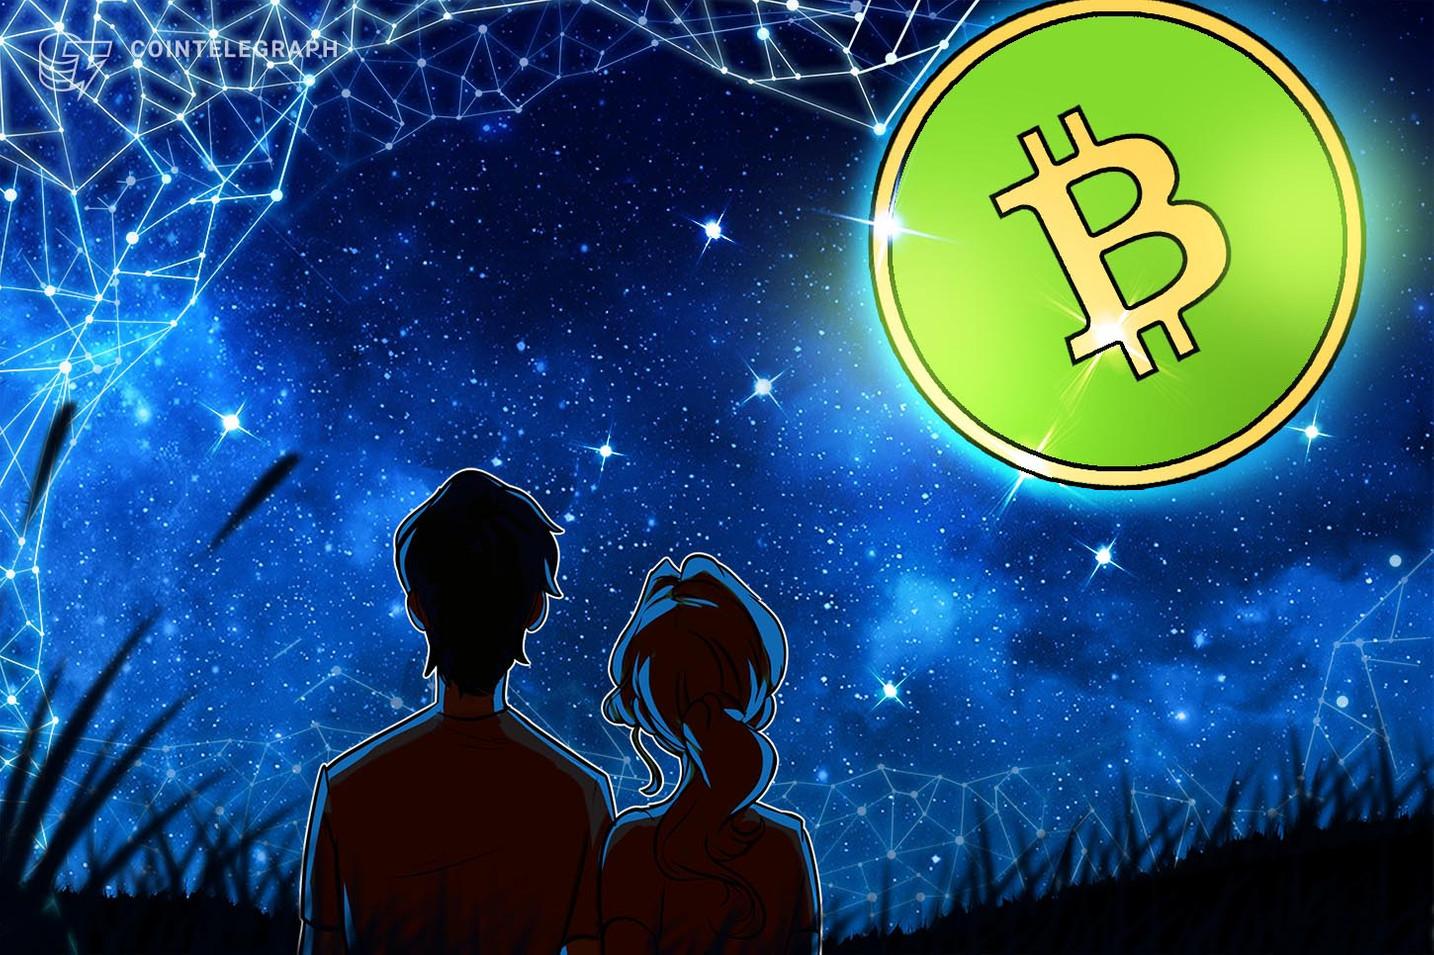 Pioneiro do Bitcoin no Brasil, Daniel Fraga reaparece sugerindo adesão ao Bitcoin Cash